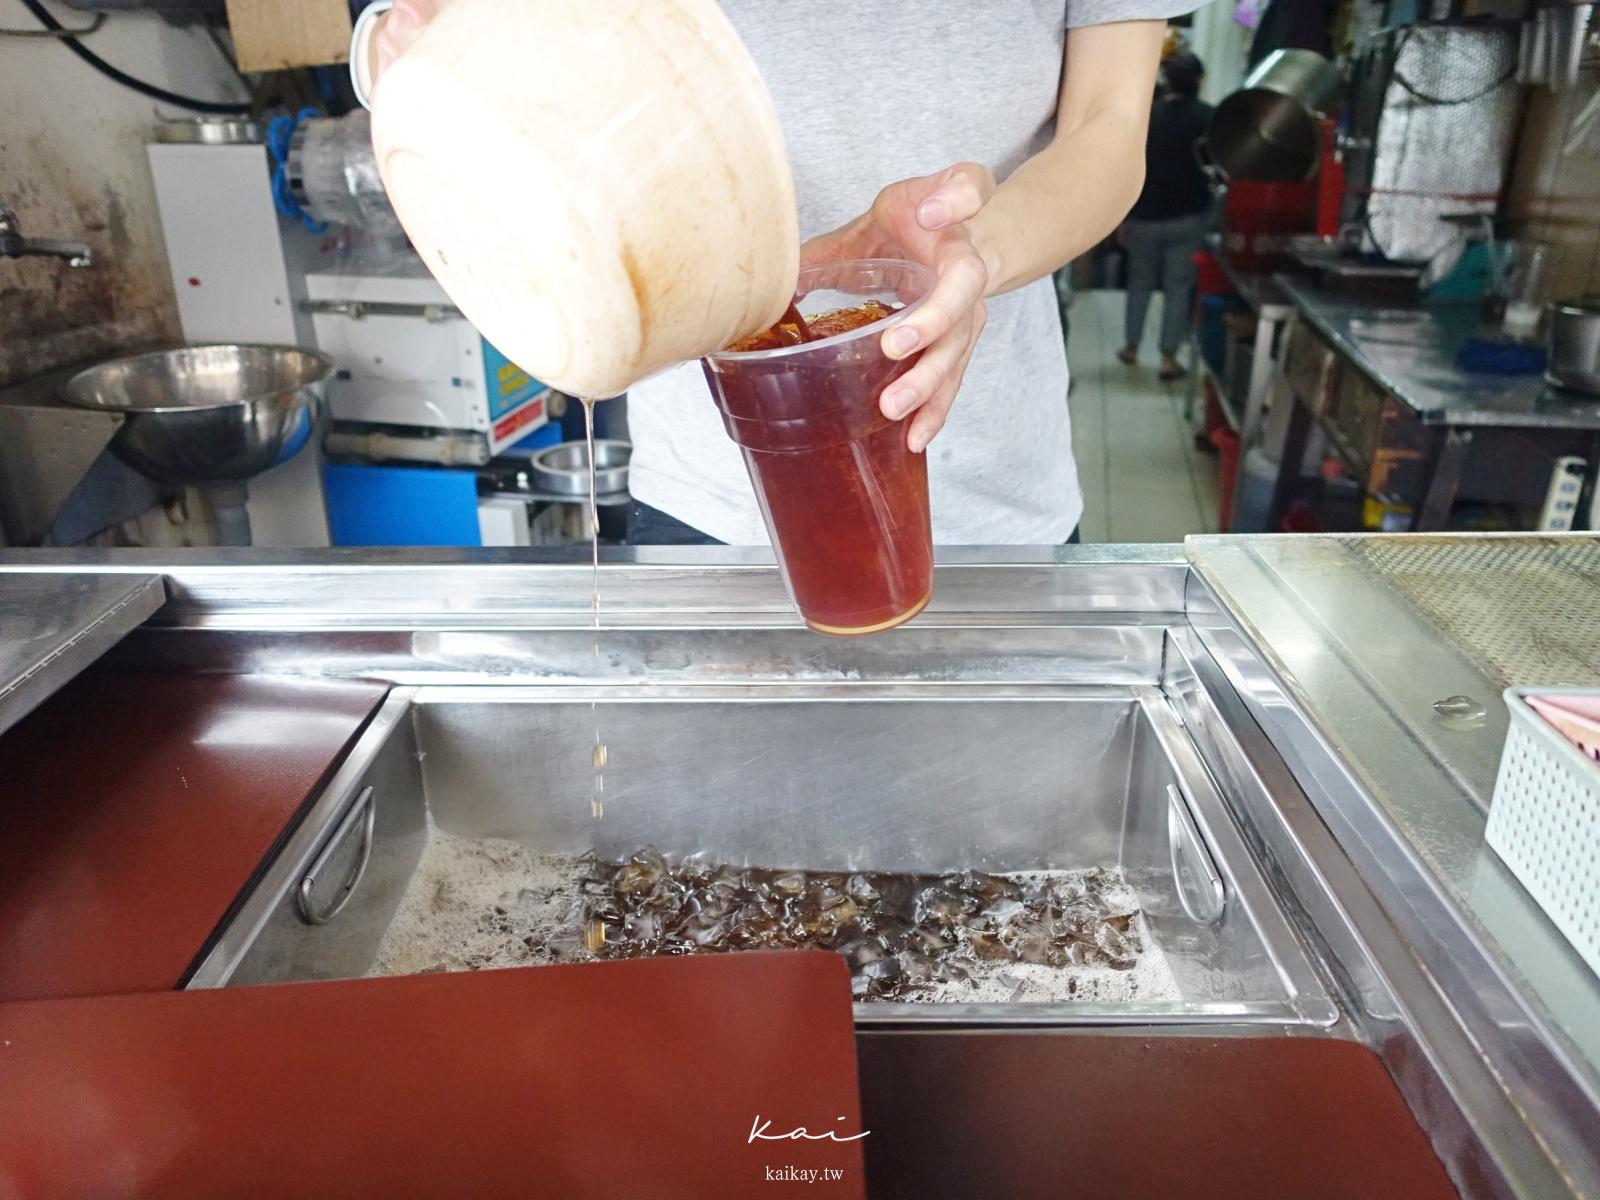 ☆【台北|北投】明泉紅茶:「無糖紅茶比較貴」原因大解密